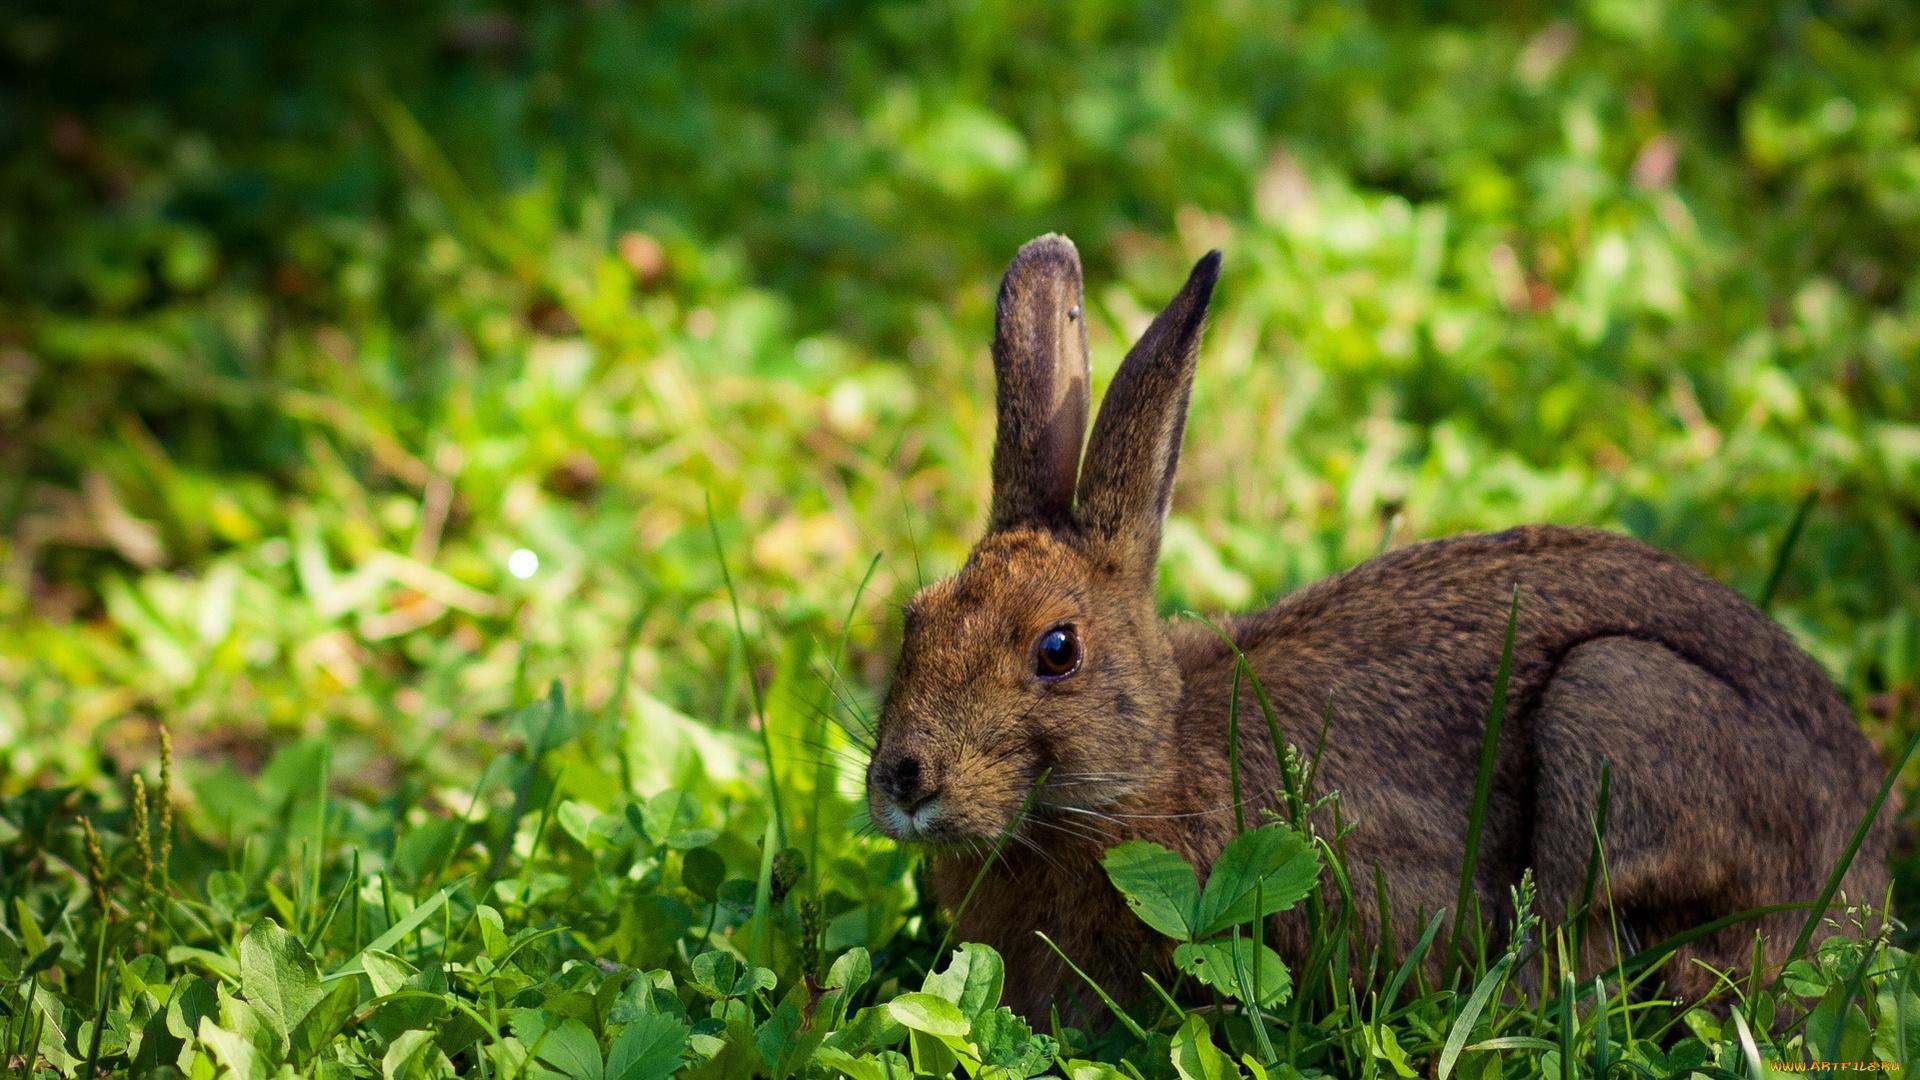 природа животные заяц nature animals hare  № 103348 бесплатно